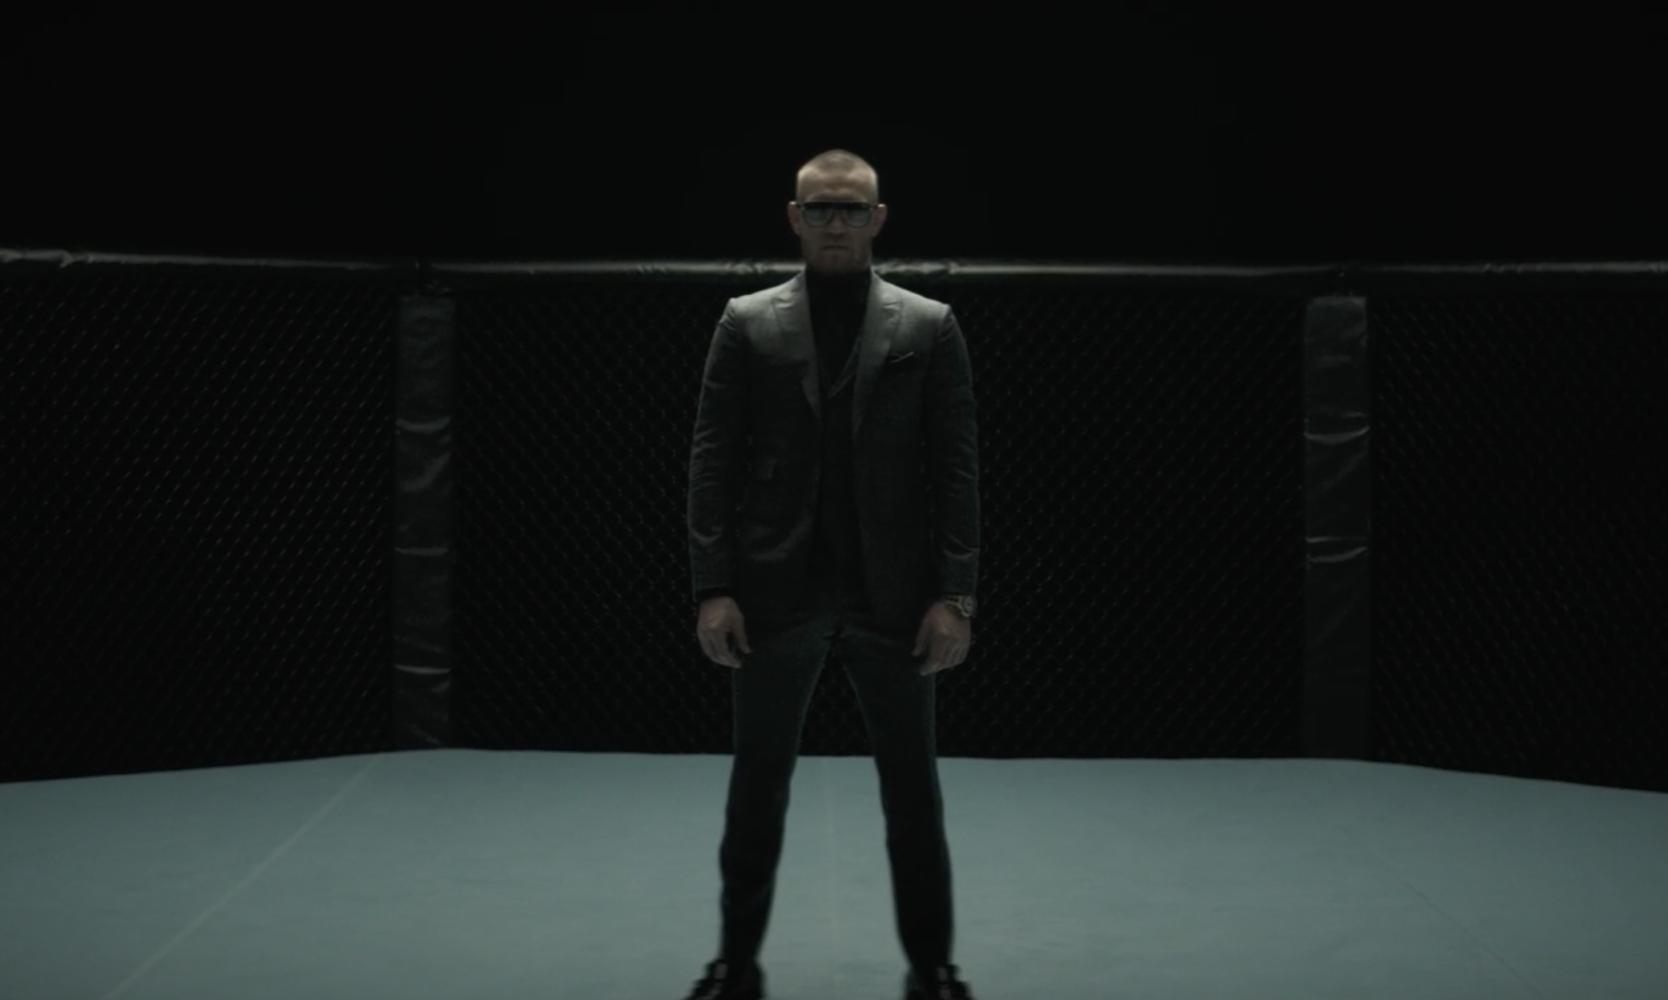 UFC 196: Intimidation